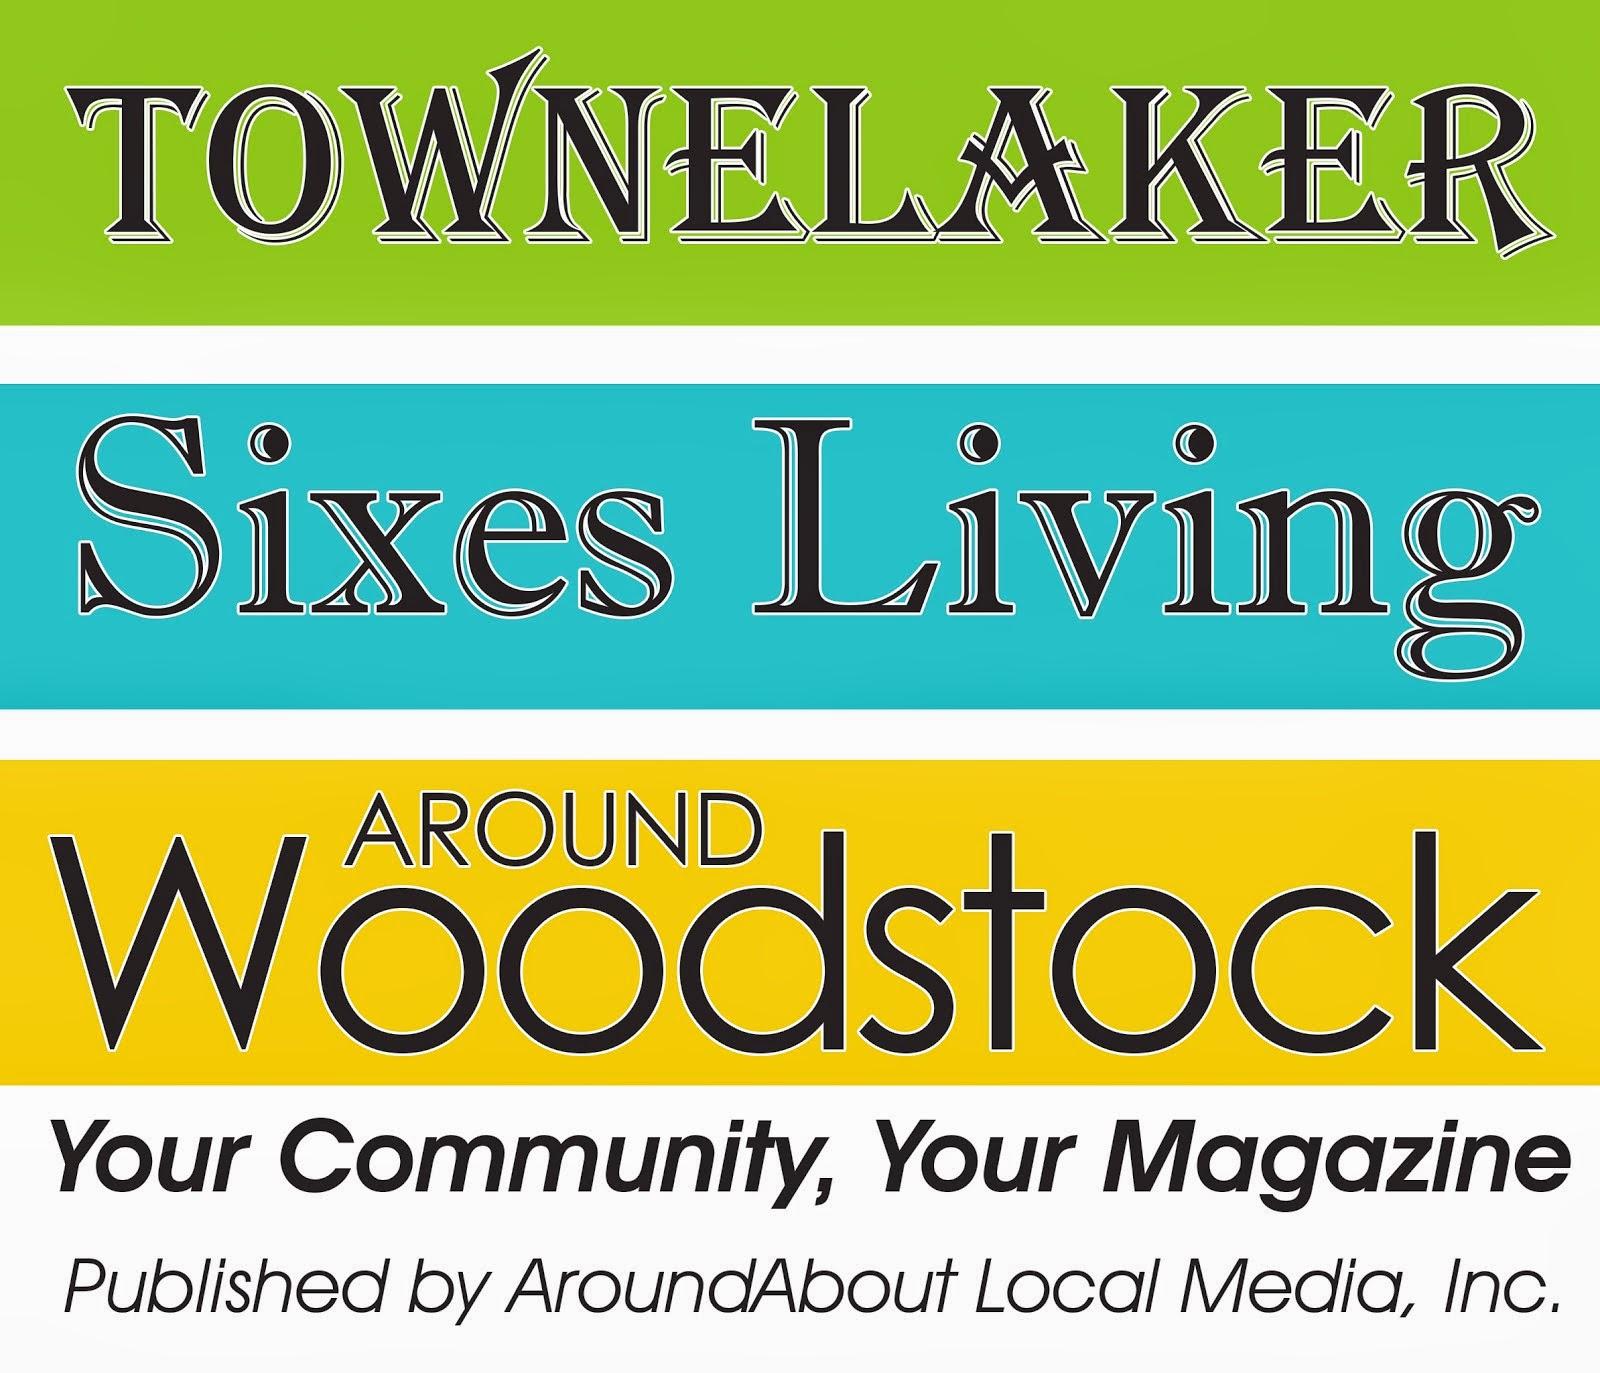 TowneLaker